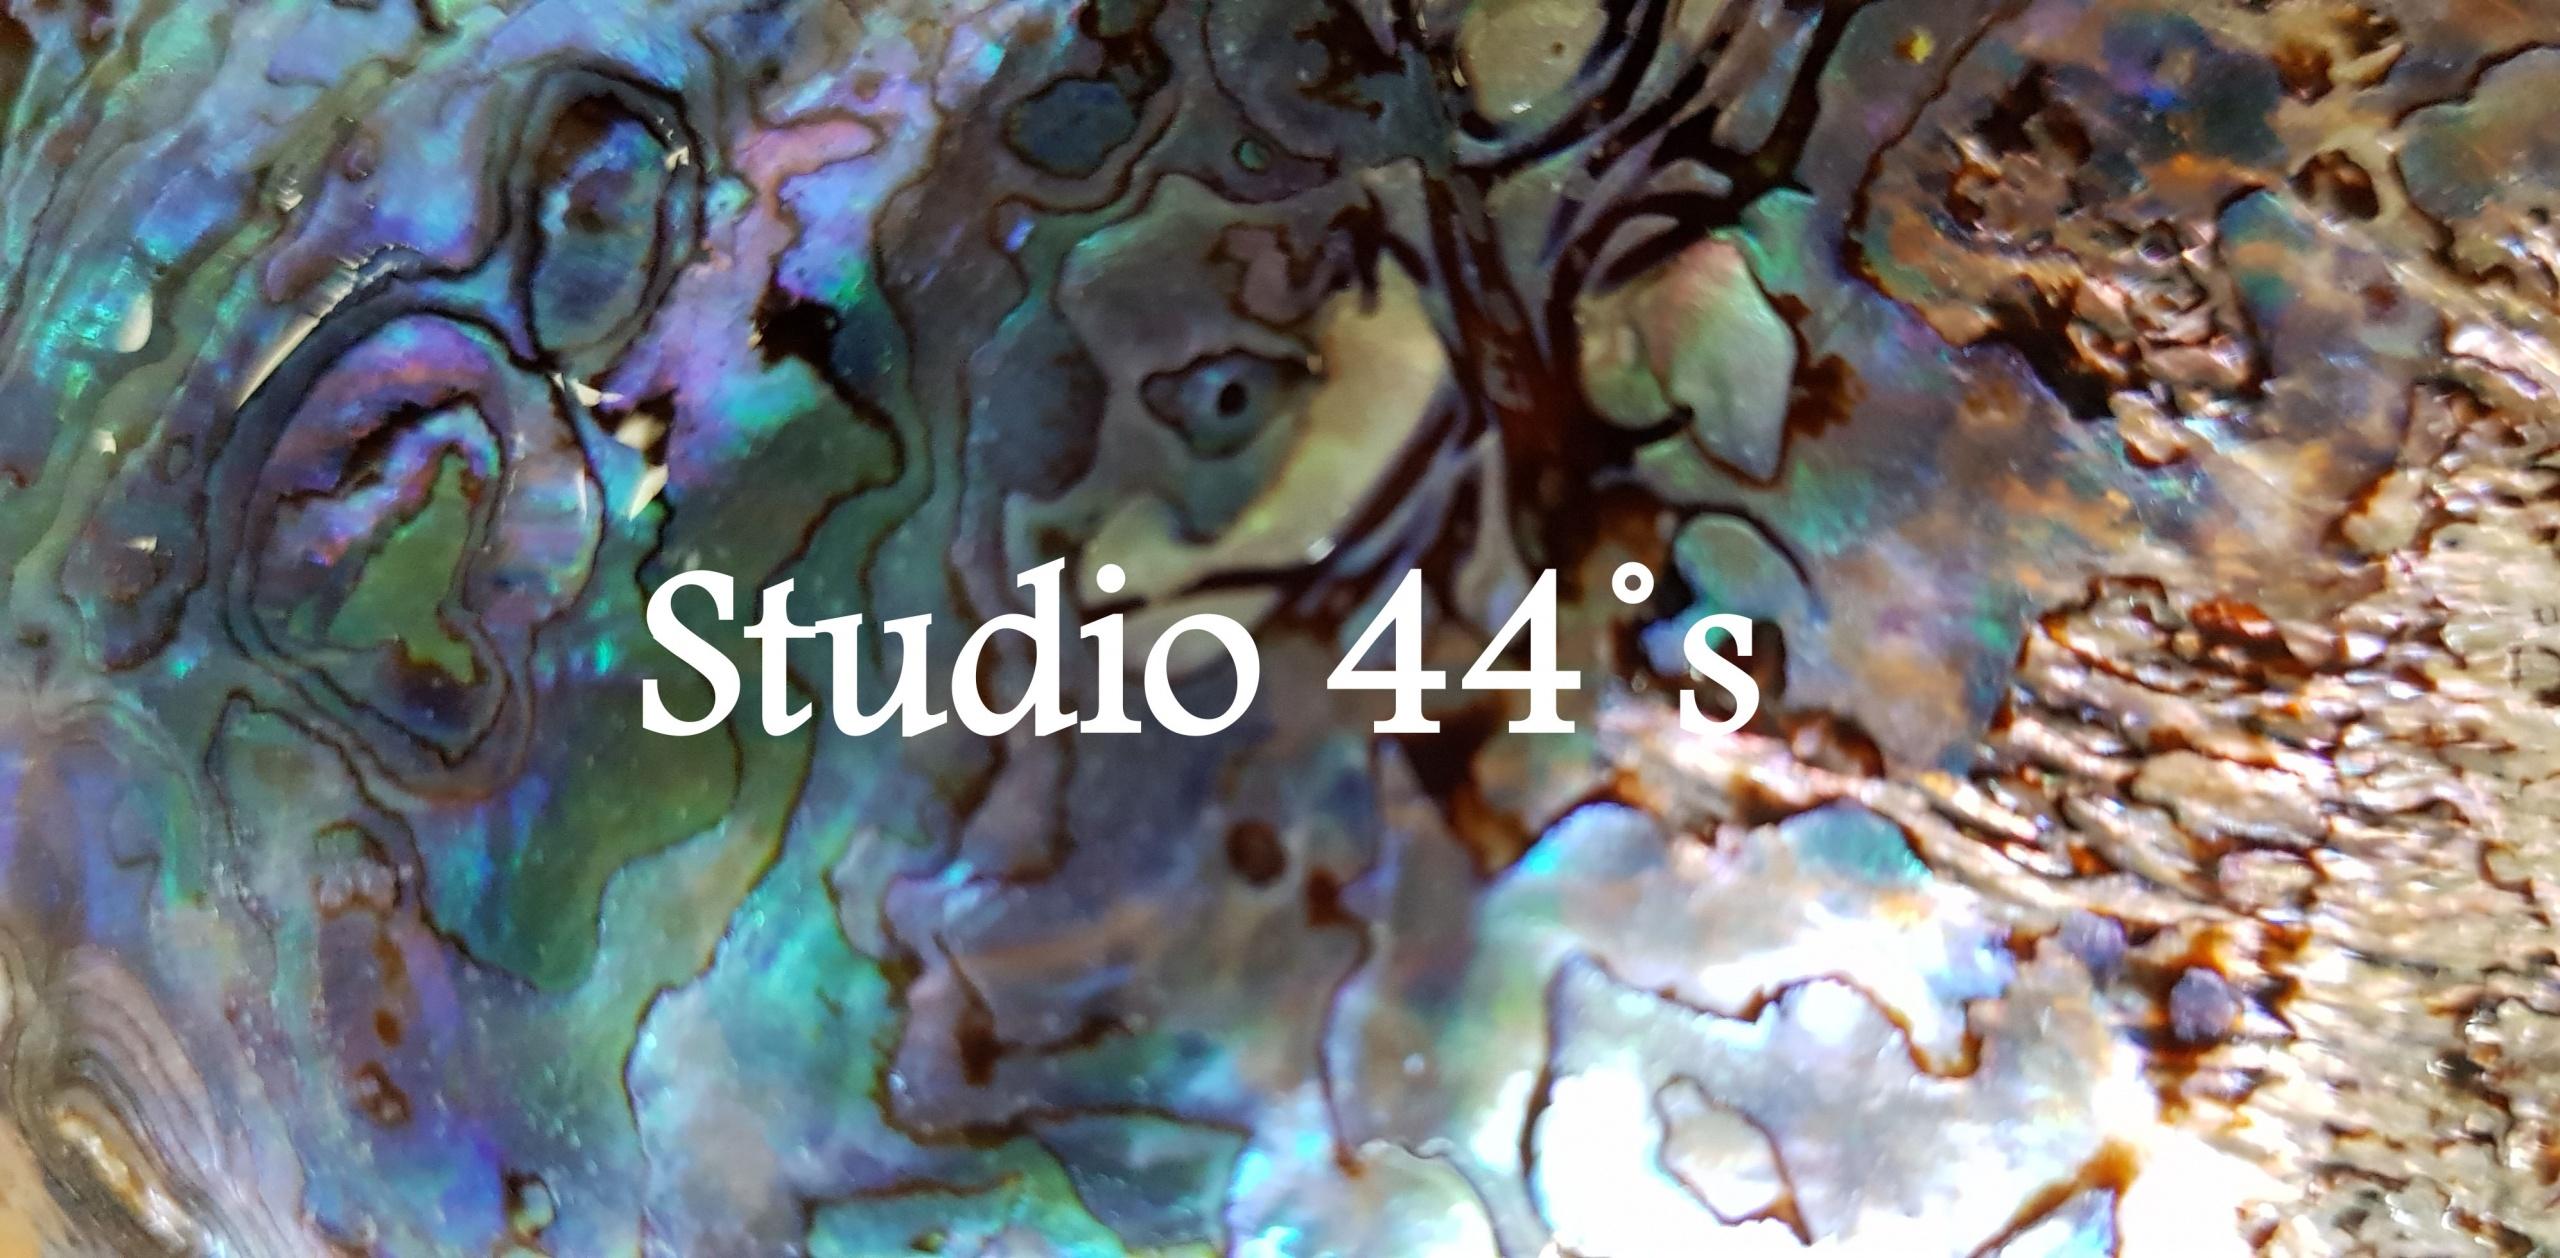 Studio 44 S